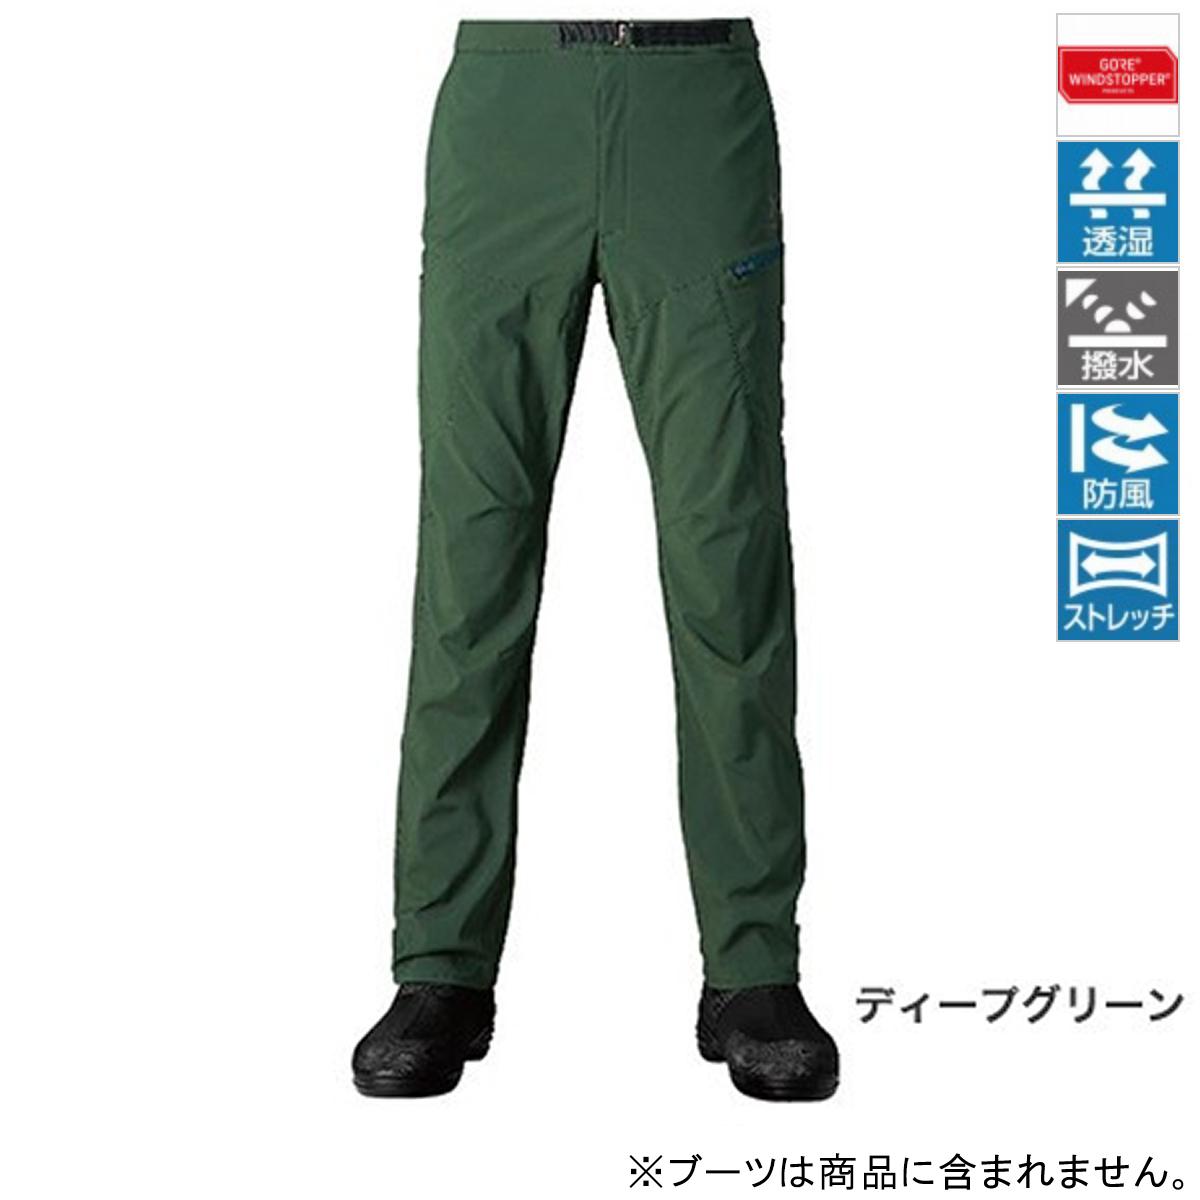 シマノ XEFO ゴア ウィンドストッパー ボトム PA-241R XL ディープグリーン